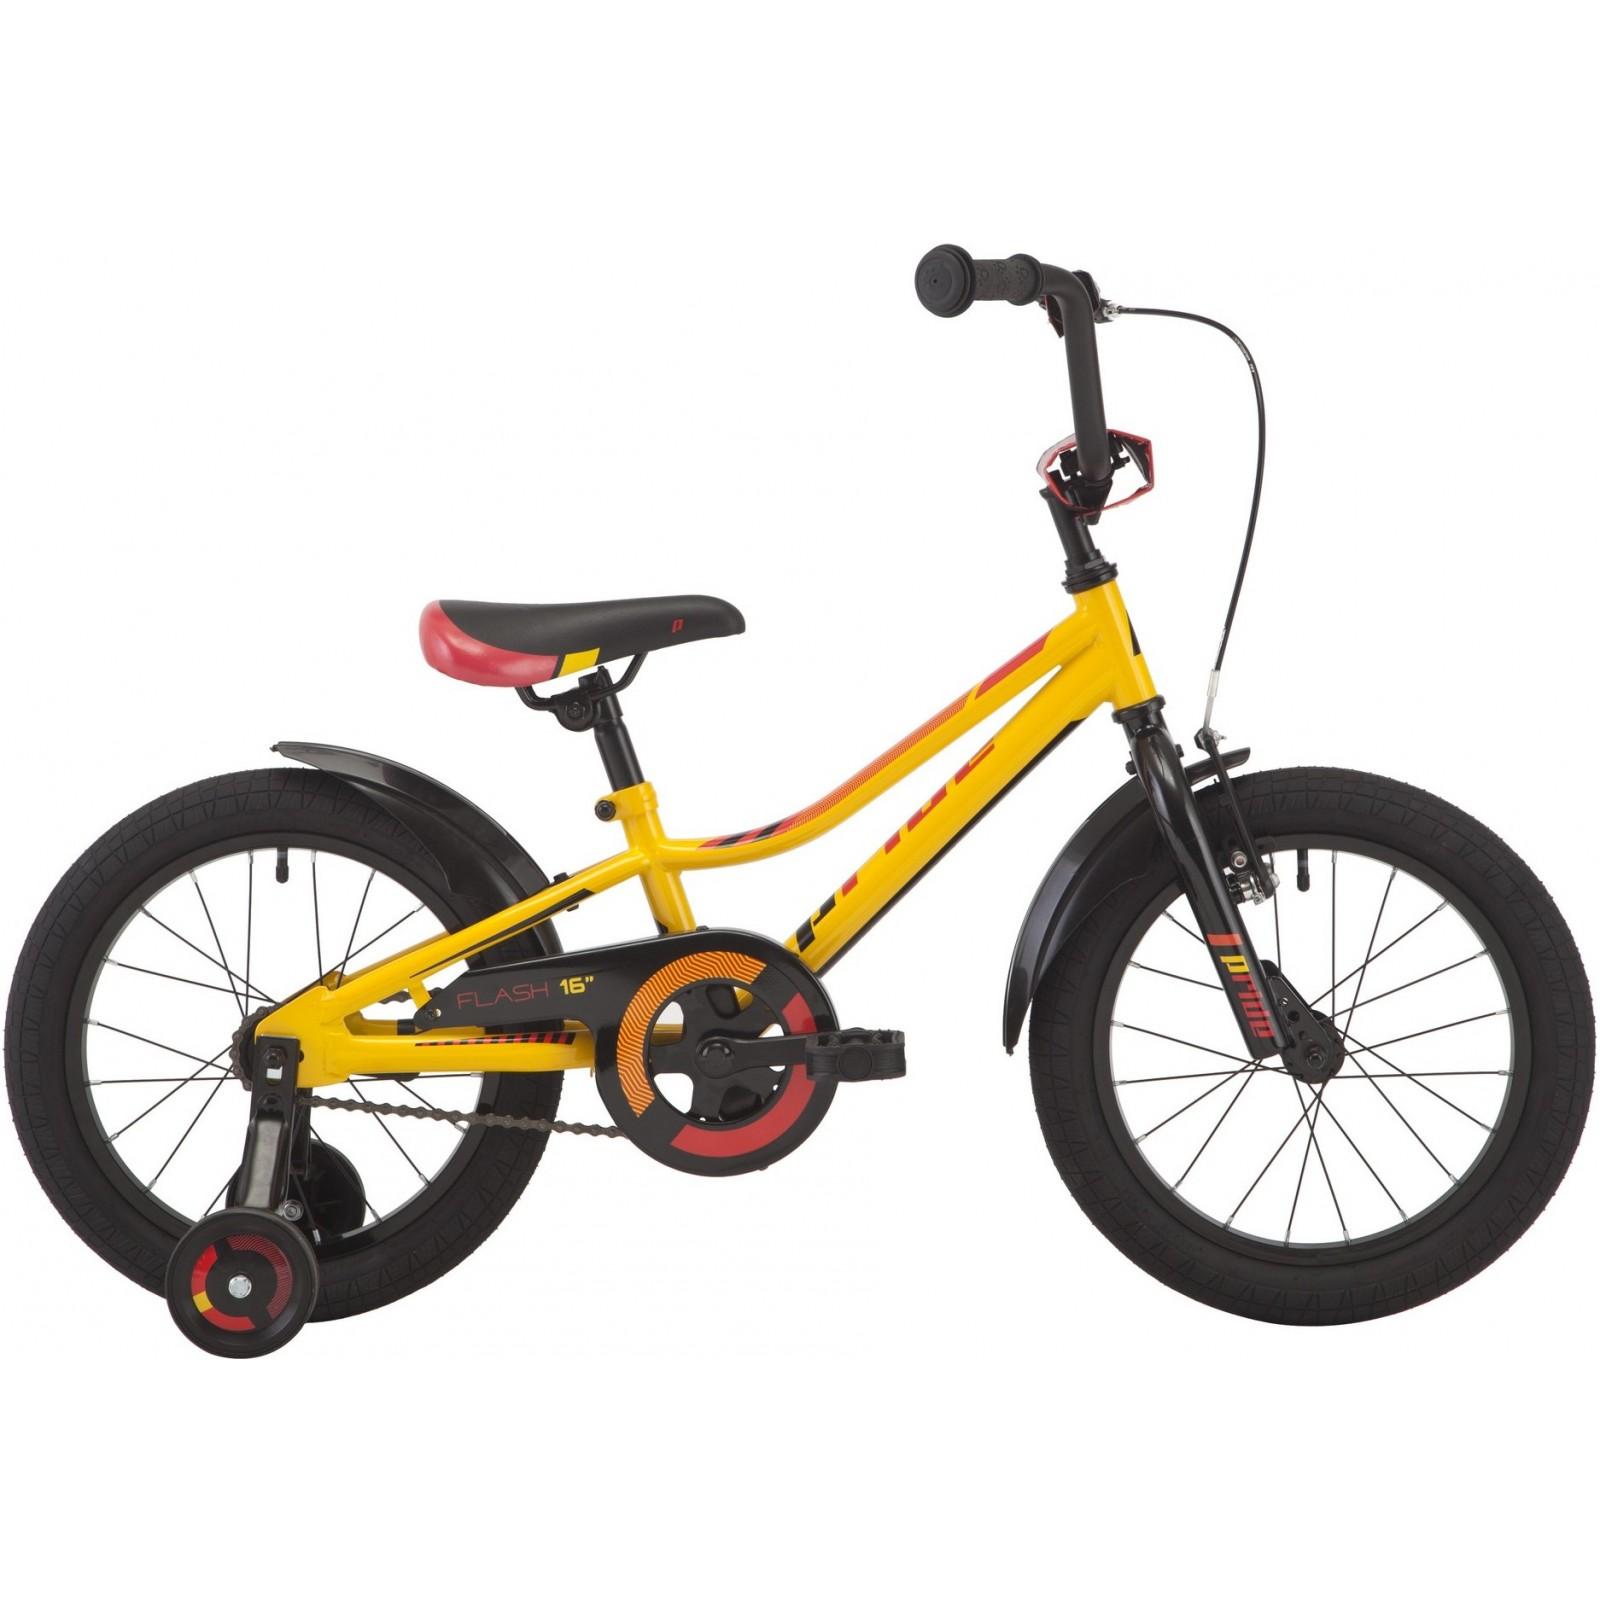 Купить Велосипед Pride 'Flash' 2018 желтый/красный/черный 16 (SKD-37-37)